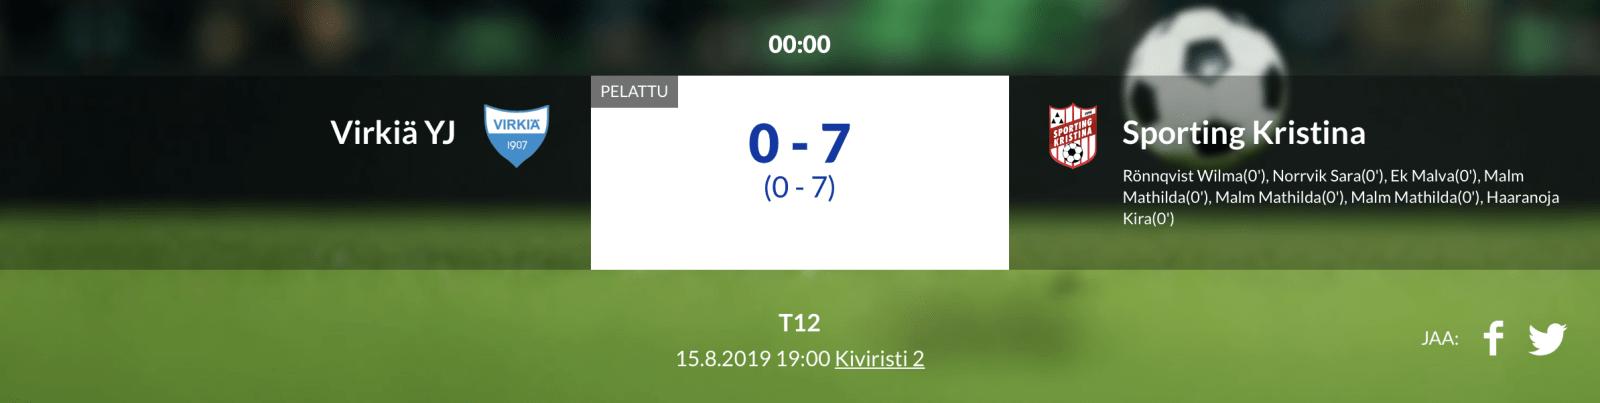 F12 Virkiä YJ – Sporting Kristina 0-7